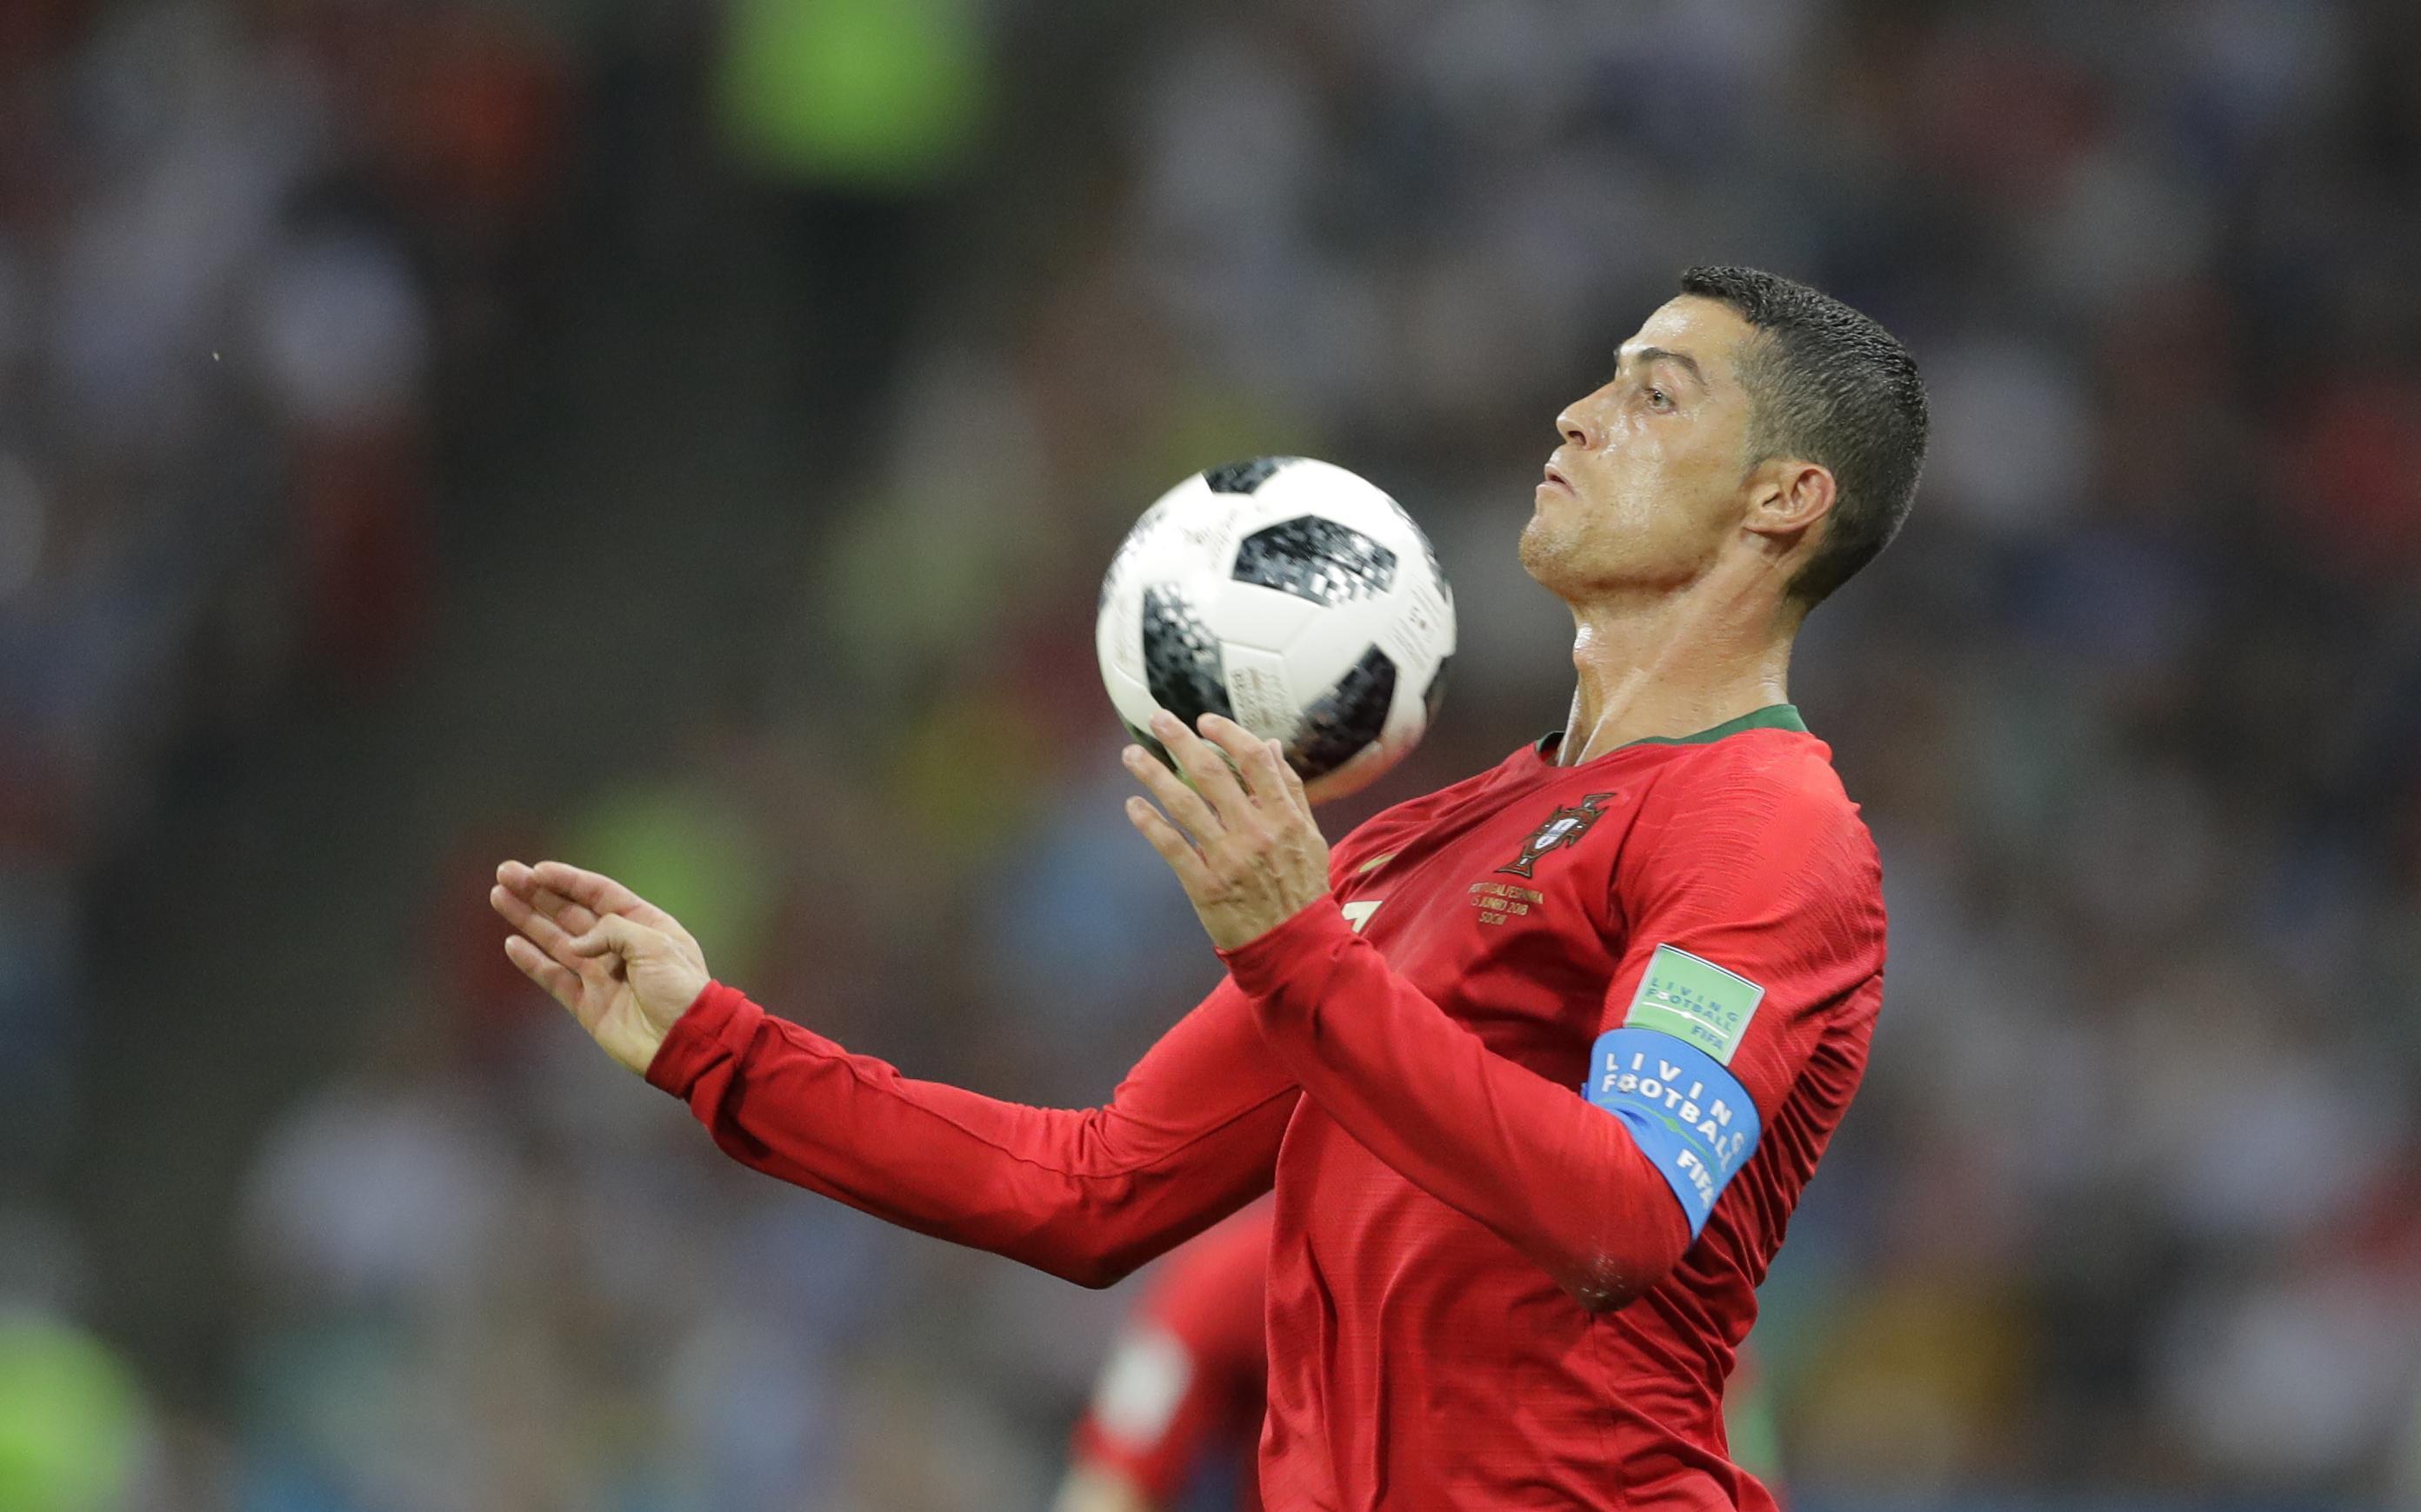 Calciomercato Juventus, Cristiano Ronaldo a un passo? Le ultime